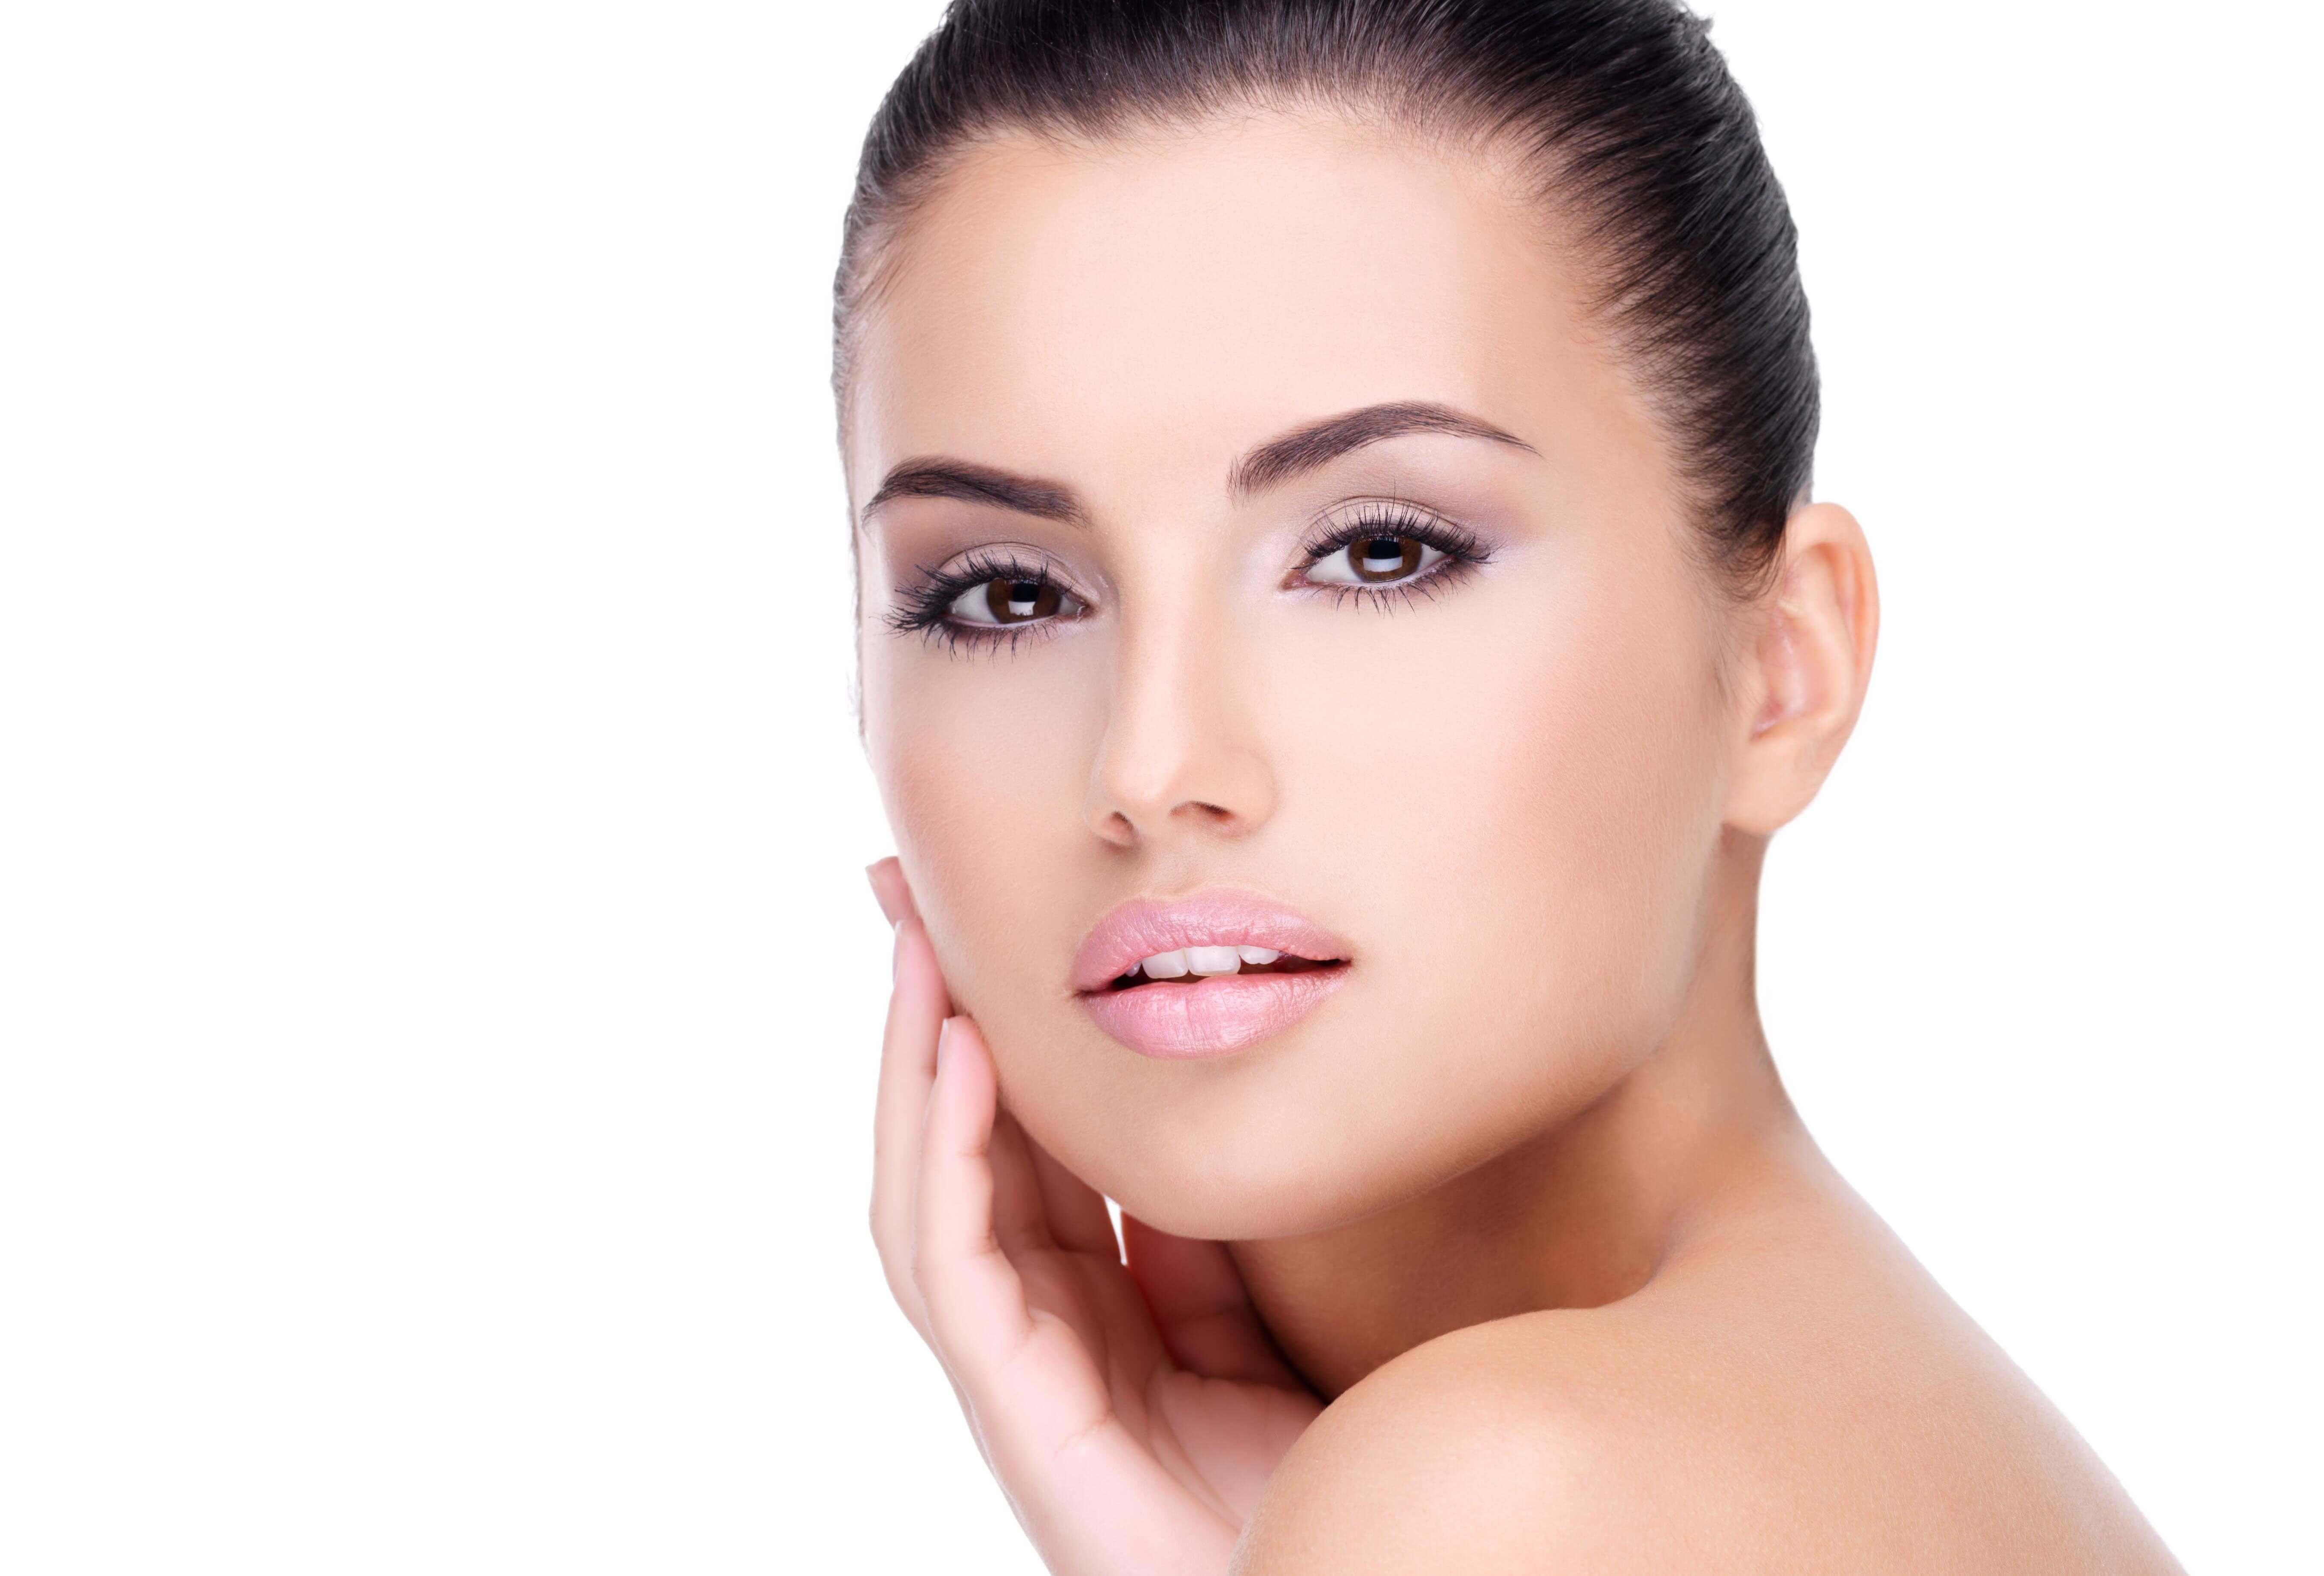 De beste beautyproducten voor jou